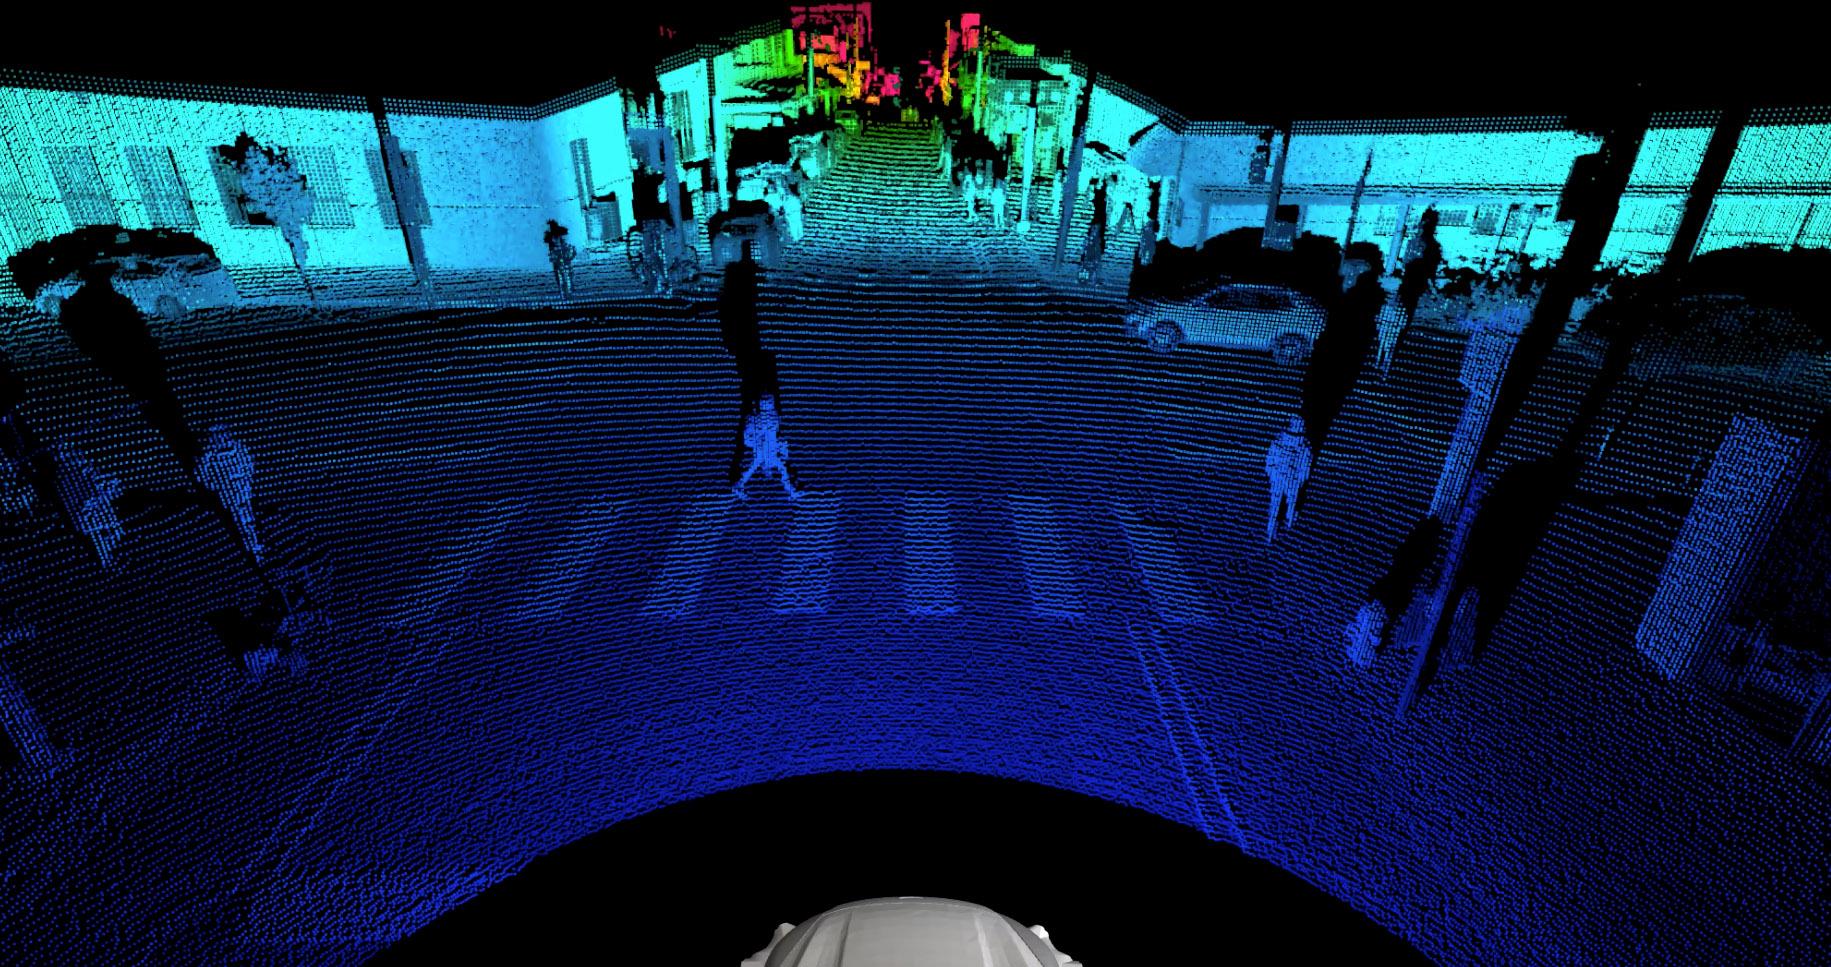 Det nya Argo lidarsystemet kan se 400 meter framför bilen och förutse vad fotgängare, cyklister och andra fordon kommer göra. Foto: Volkswagen